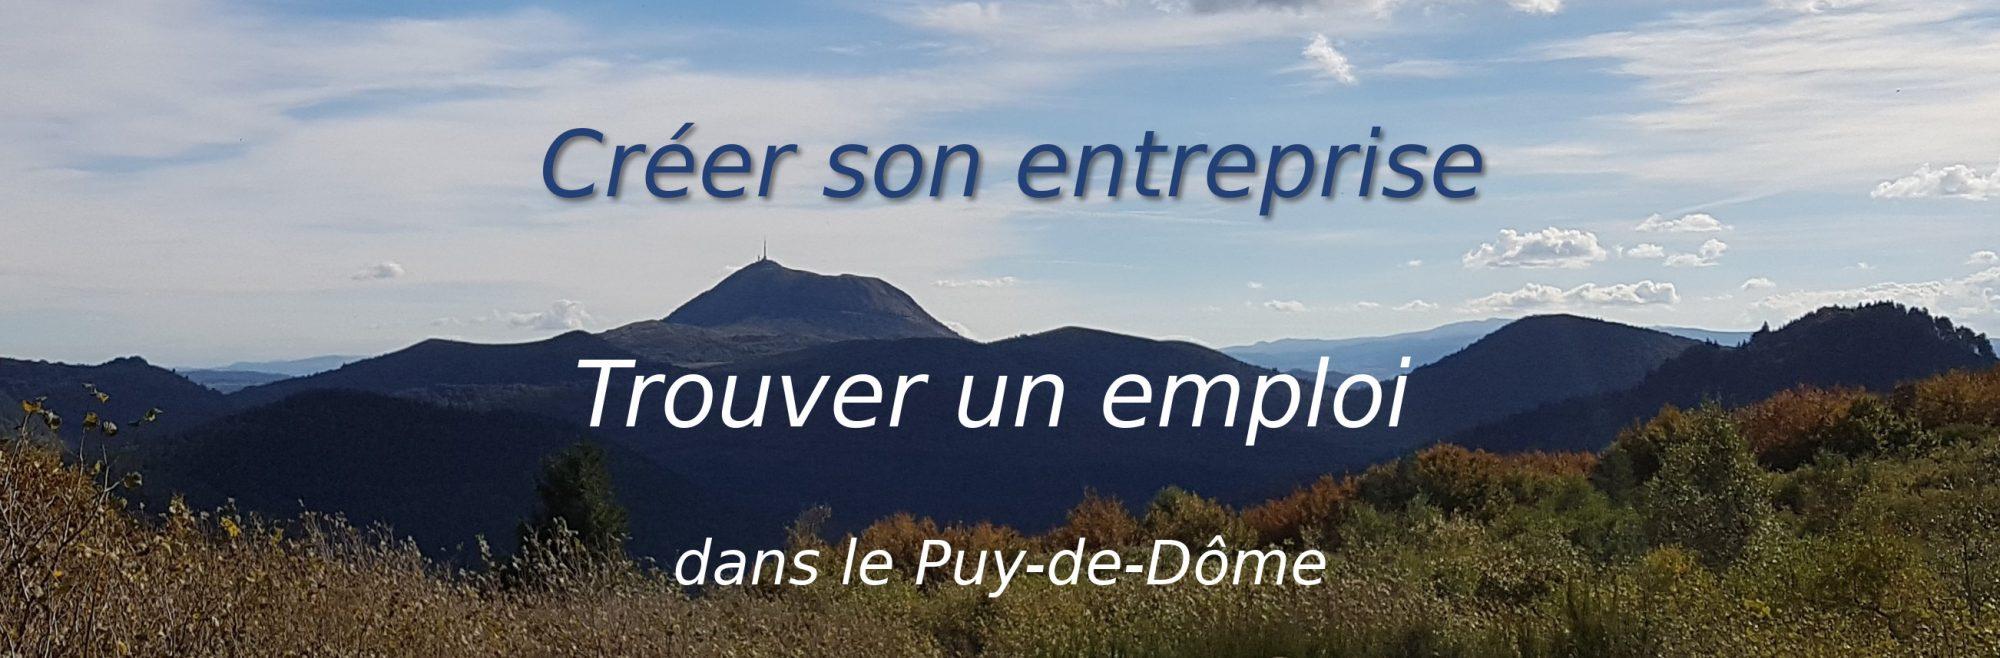 Accompagnement Pro 63 - Créer son entreprise - Trouver un emploi dans le Puy-de-Dôme